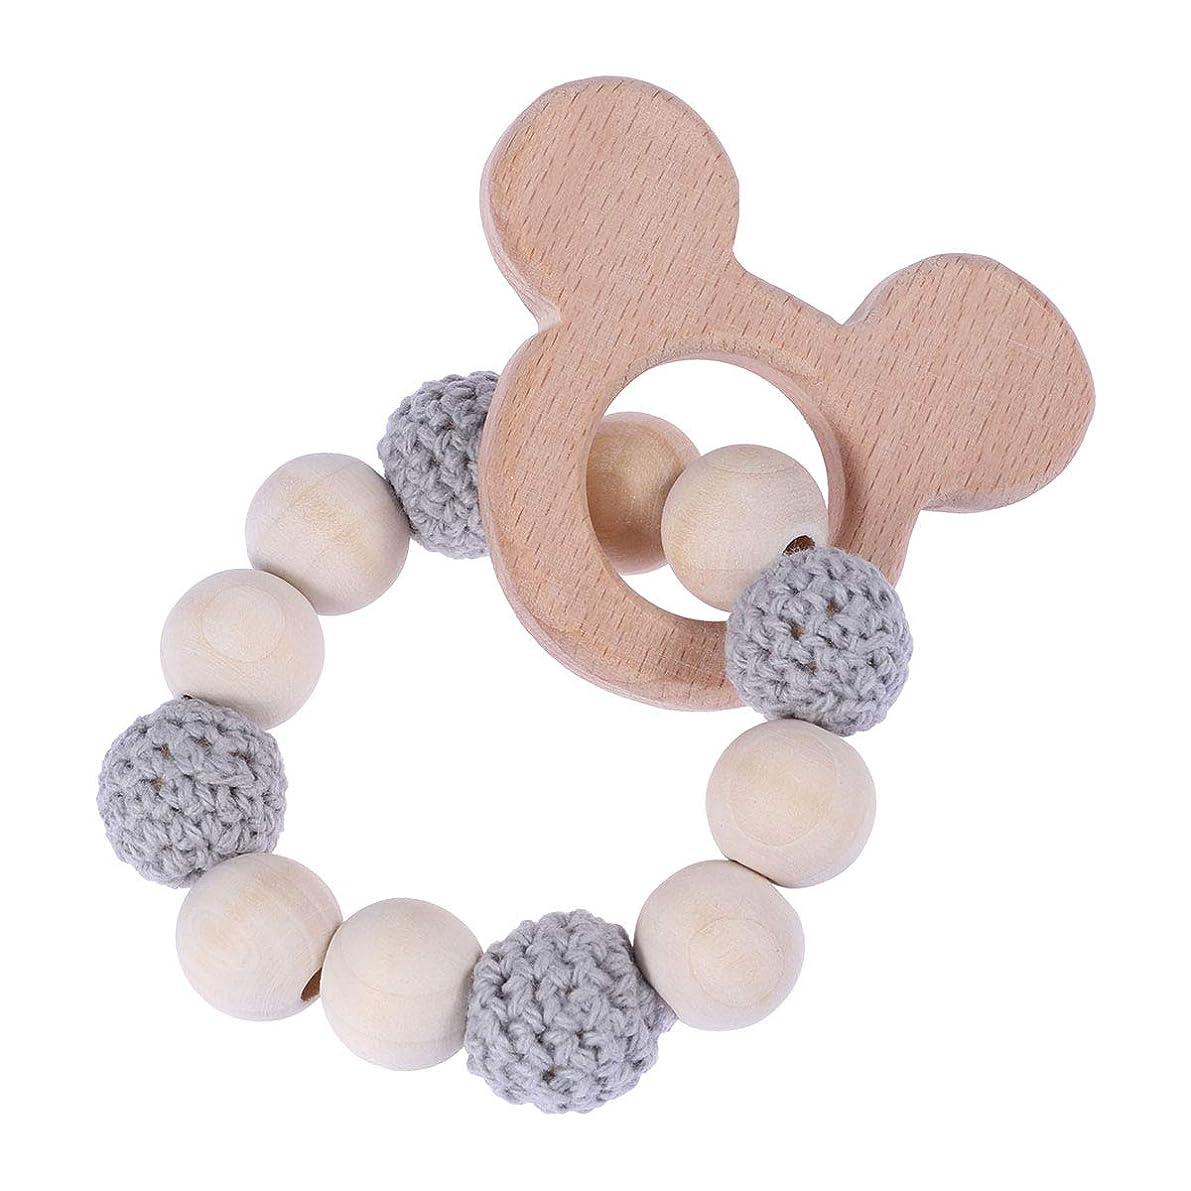 Healifty ベビーファッションジュエリーかぎ針編みビーズ木製DIYブレスレットベビーおもちゃ赤ちゃんTeether写真小道具(グレー)